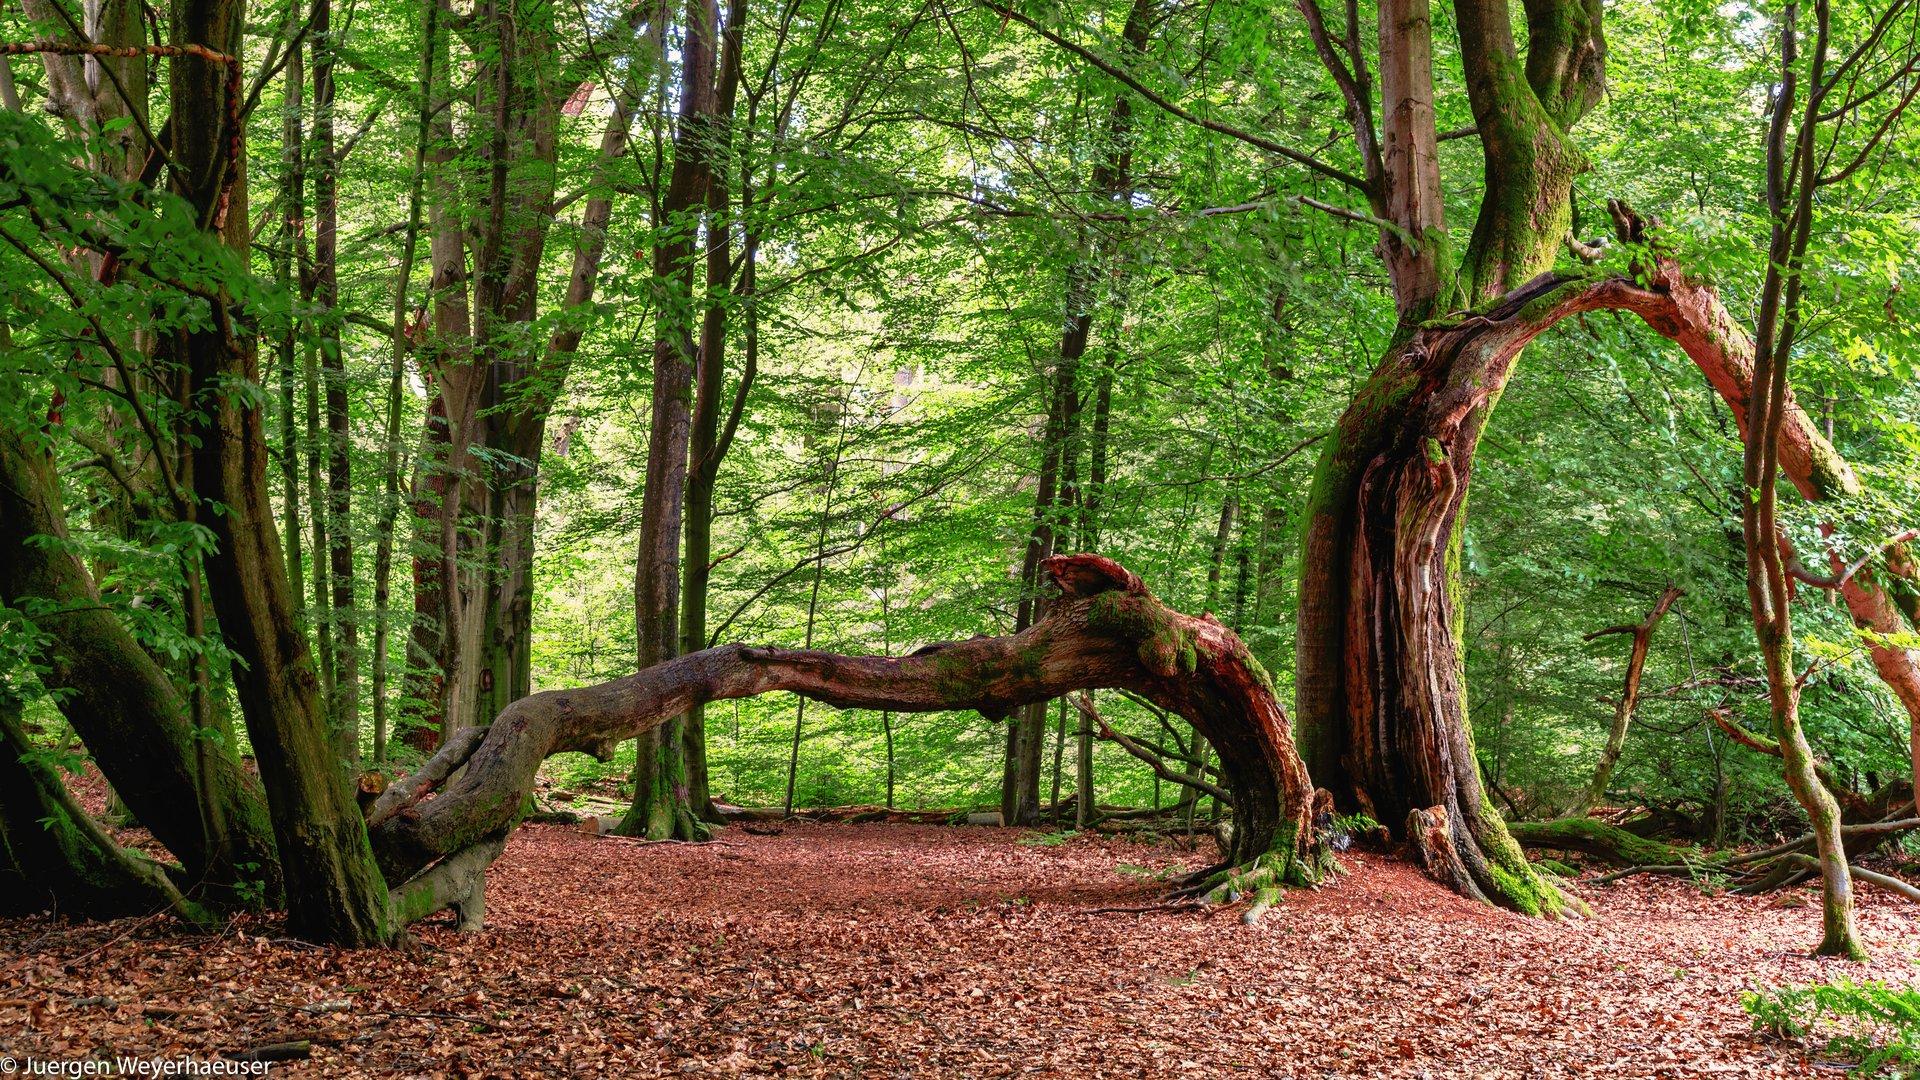 urwald sababurg foto  bild  landschaft wald baum